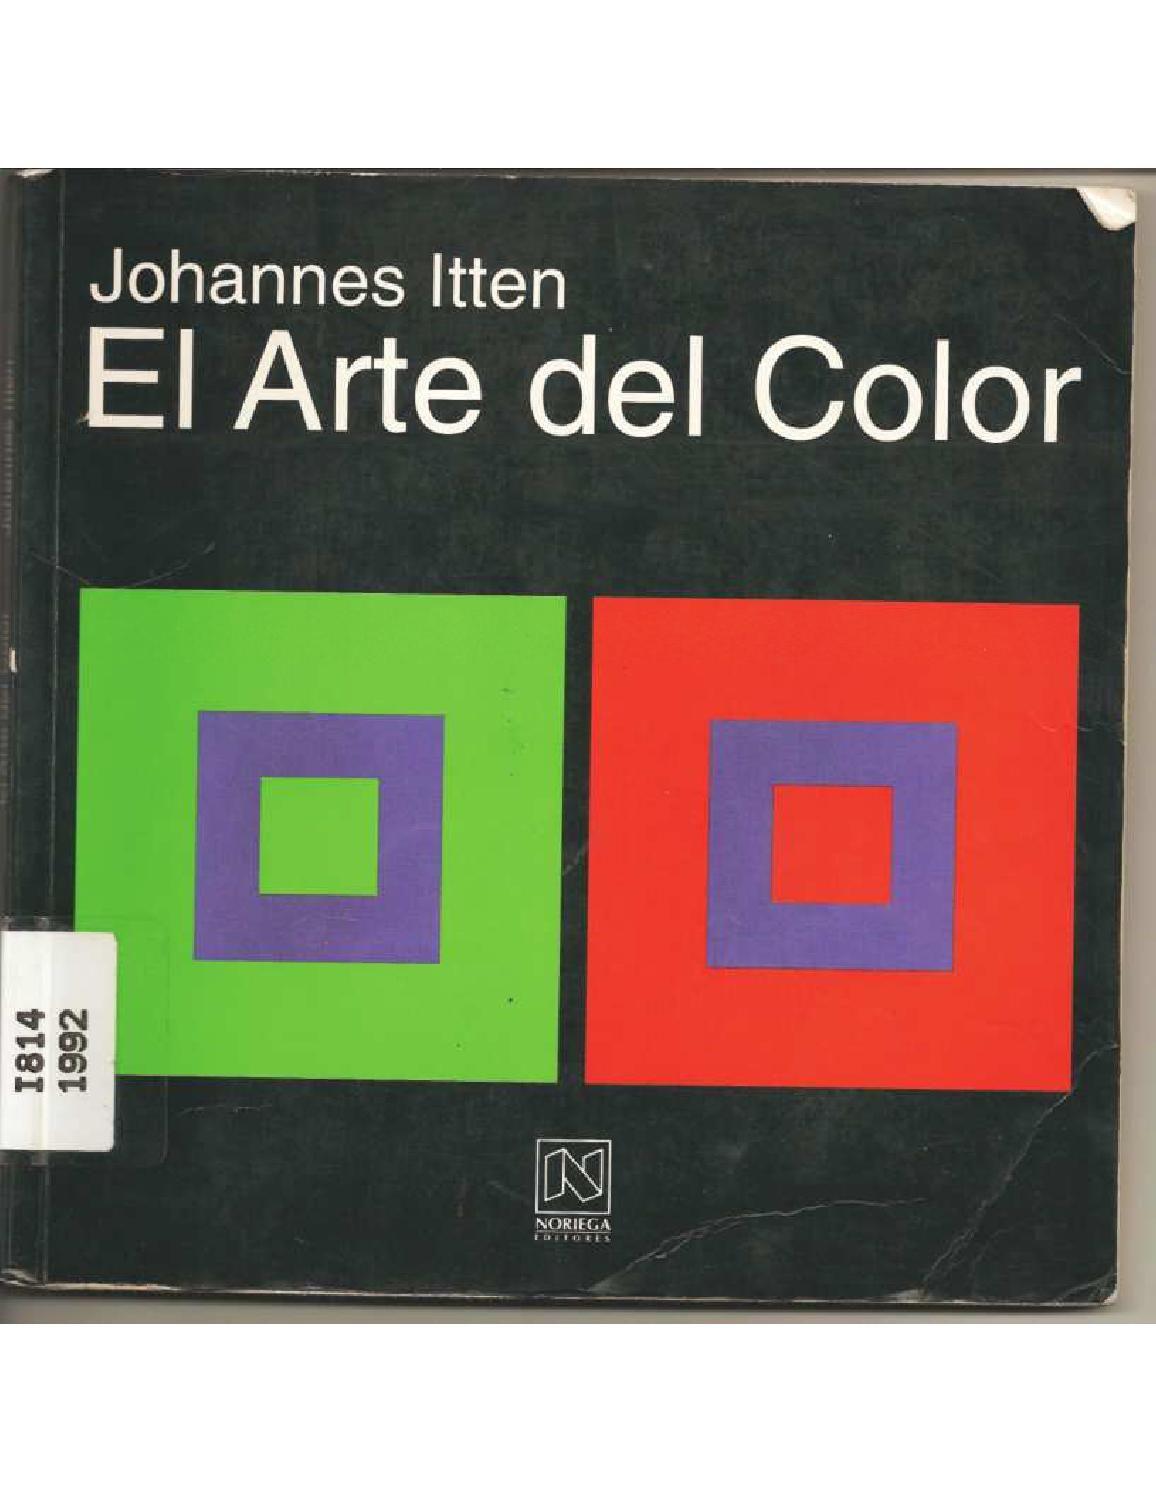 Johannes Itten - El arte del Color | Libros, El color y Color